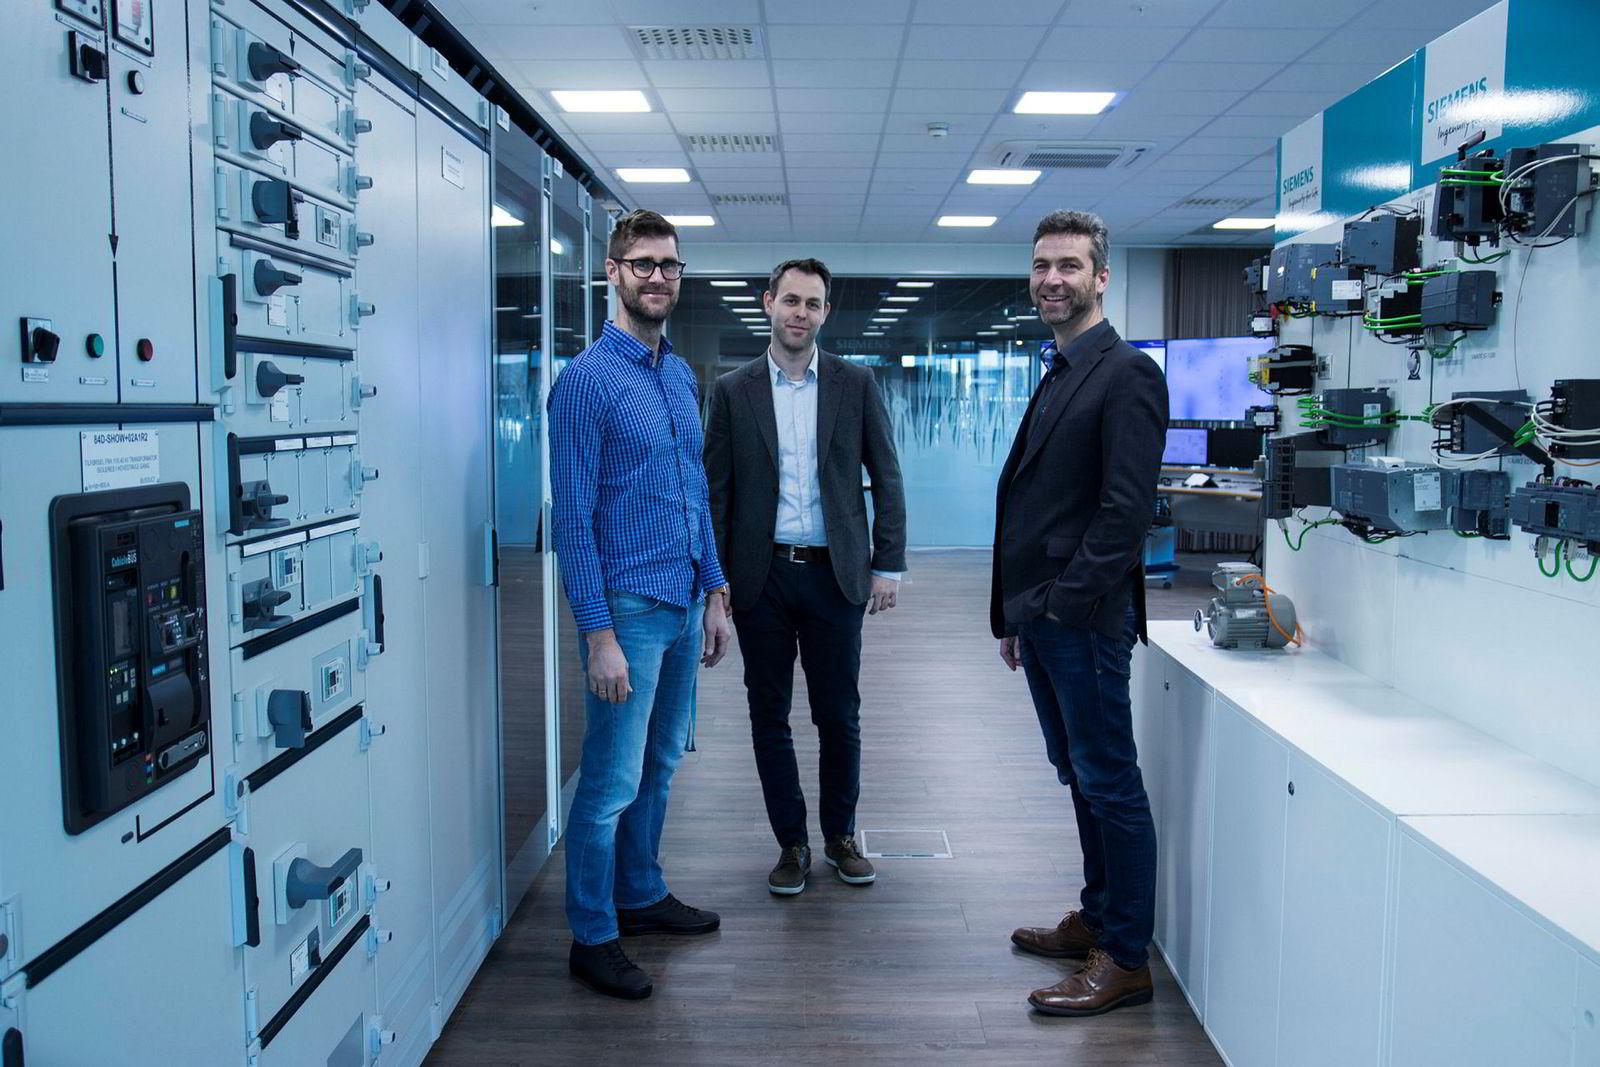 Eirik Harstad, Jostein Sand Kjellsen og Torbjørn Bøe i demonstrasjonsrommet ved Siemens Stavanger, der de viser frem ny teknologi. Foto: DNX